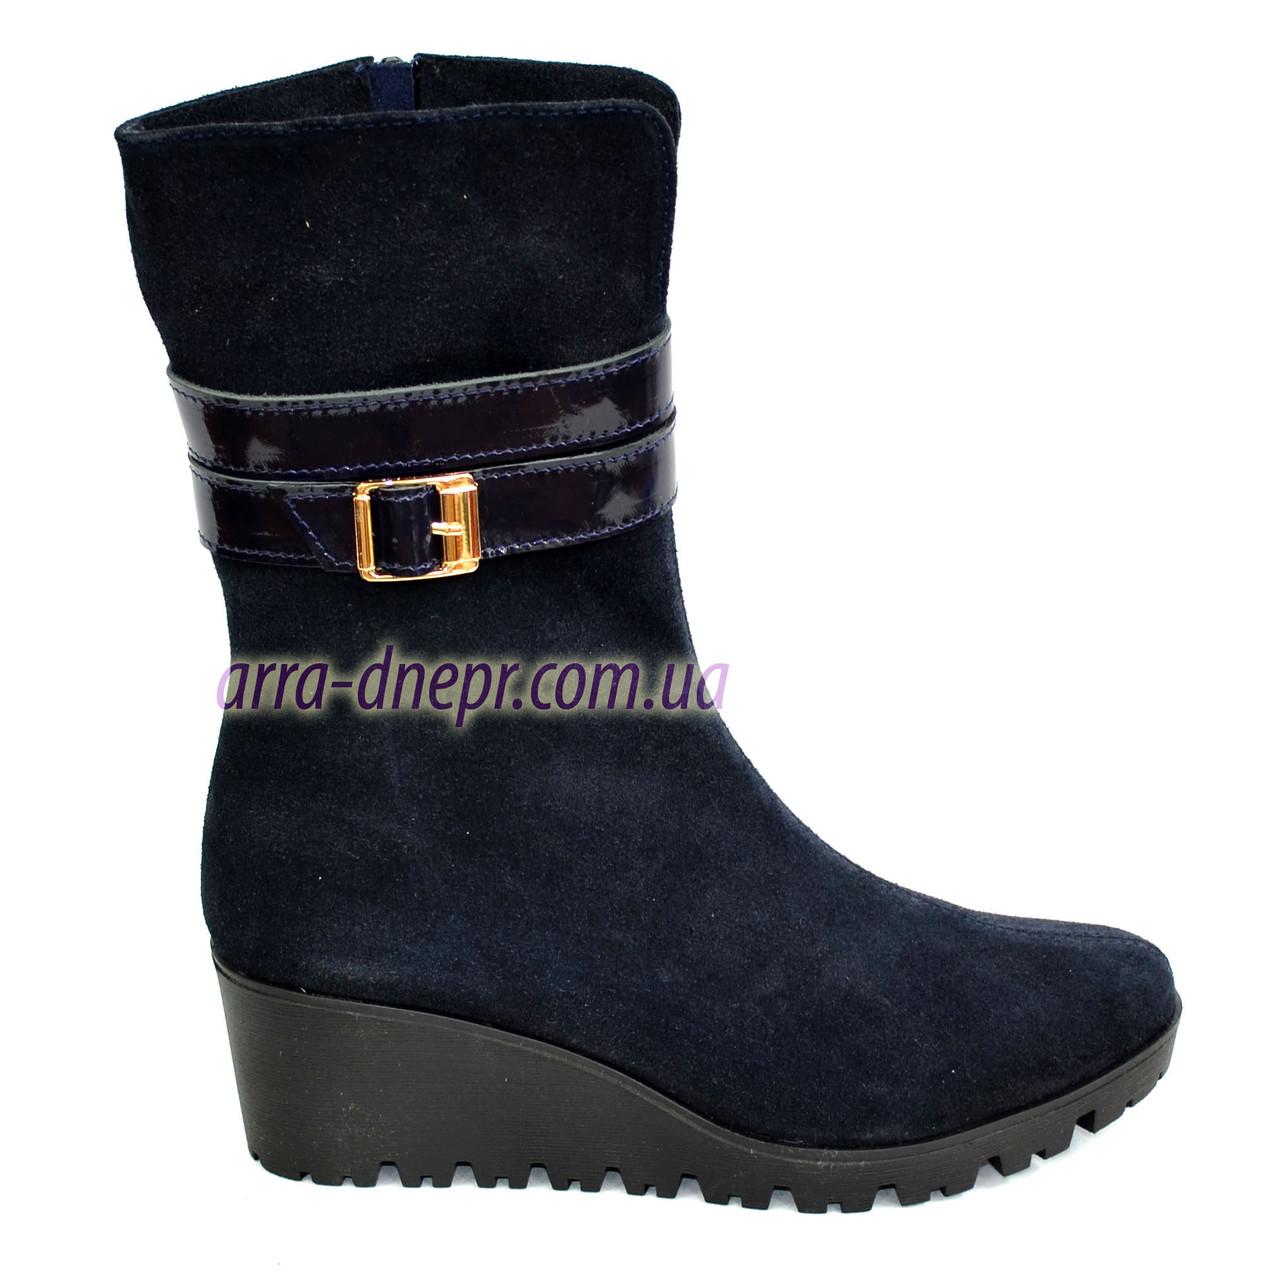 Женские   ботинки на невысокой платформе, натуральная синяя замша.